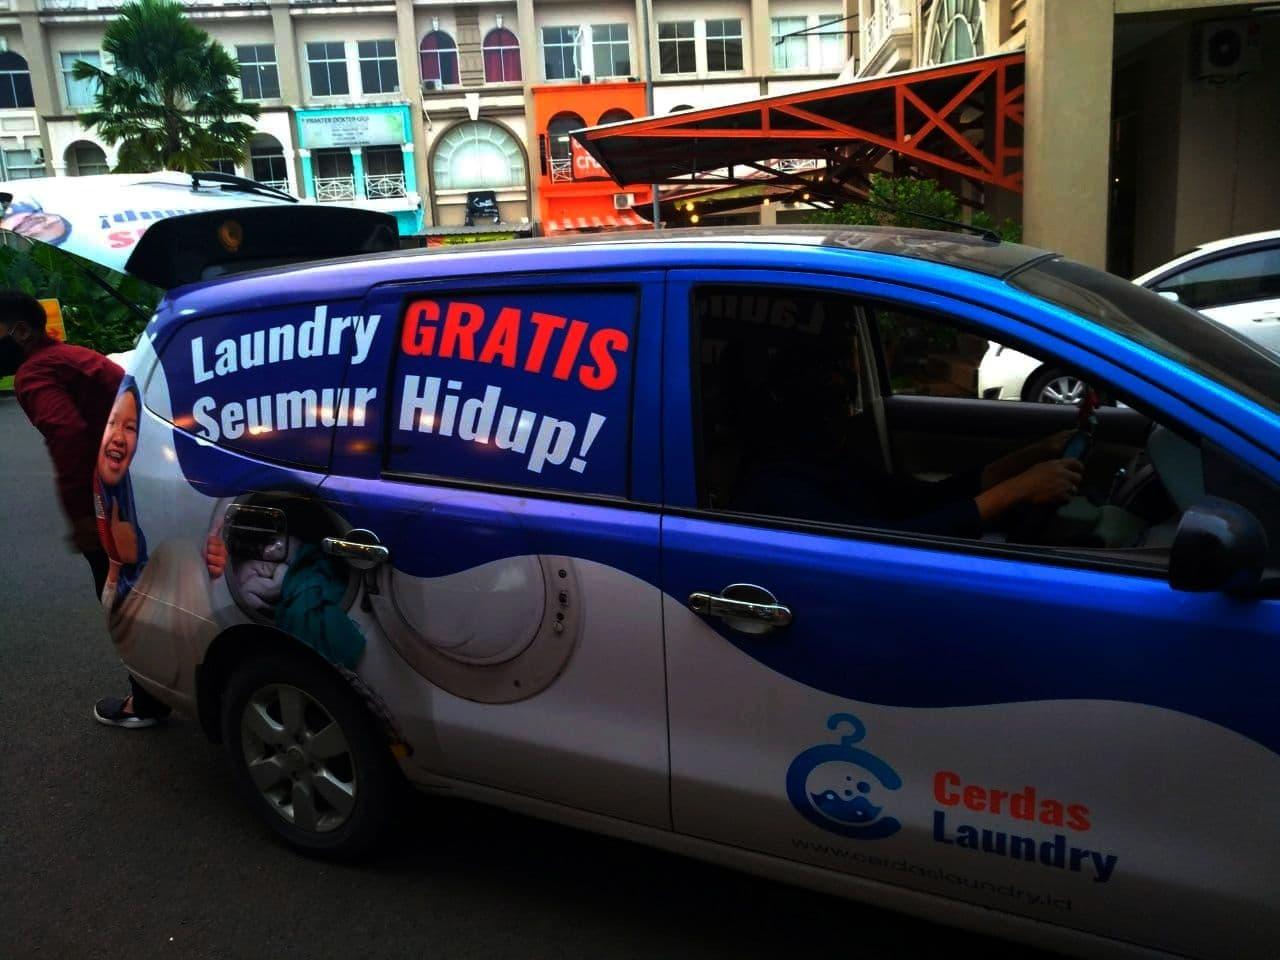 Laundry Bekasi Antar Jemput